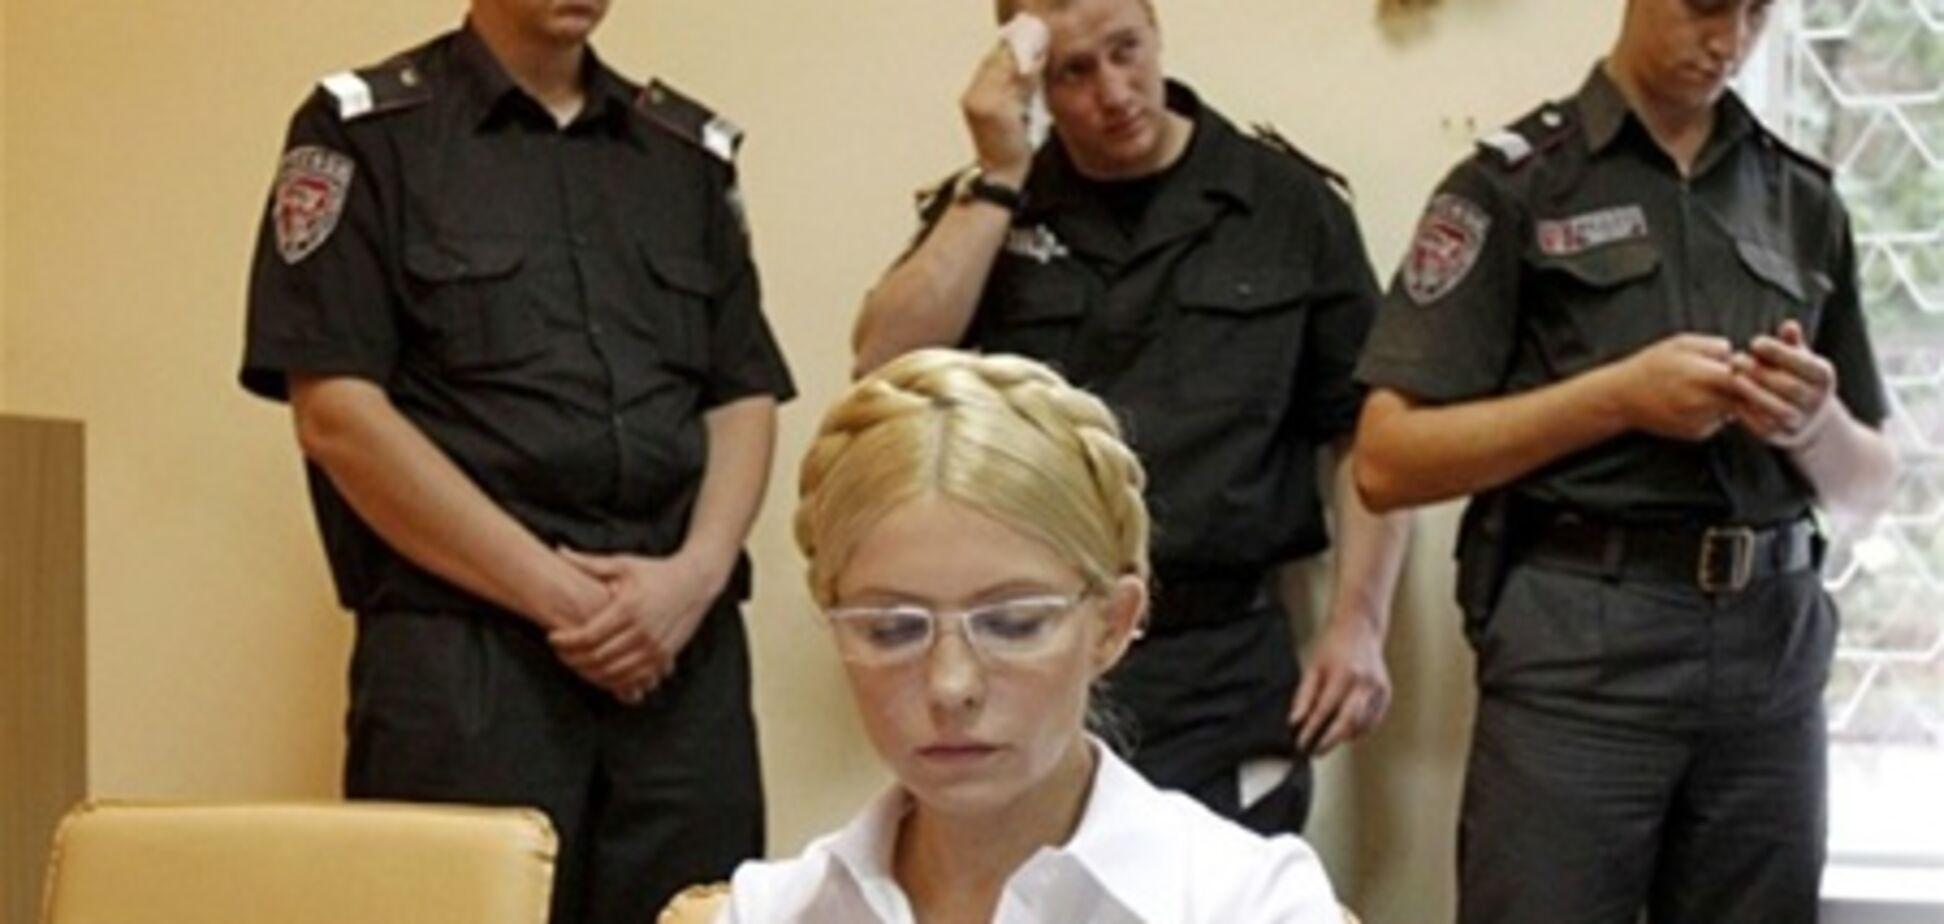 Ні законних, ні фактичних підстав для арешту Тимошенко немає – адвокат